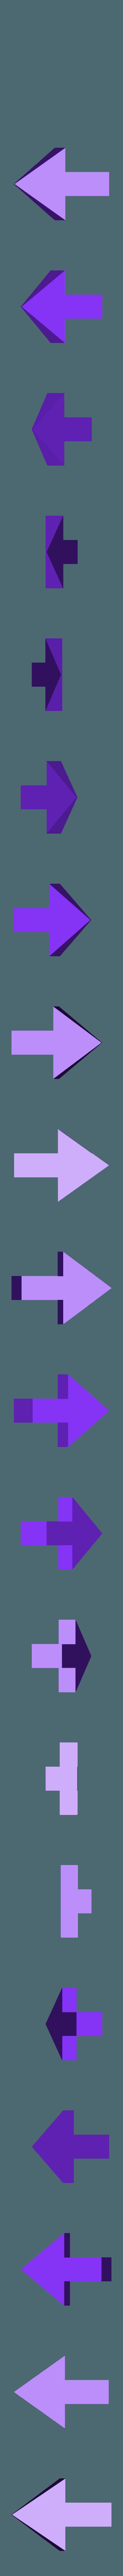 arrow door stopper.stl Download STL file arrow door stopper • 3D printer object, JOYs-3D